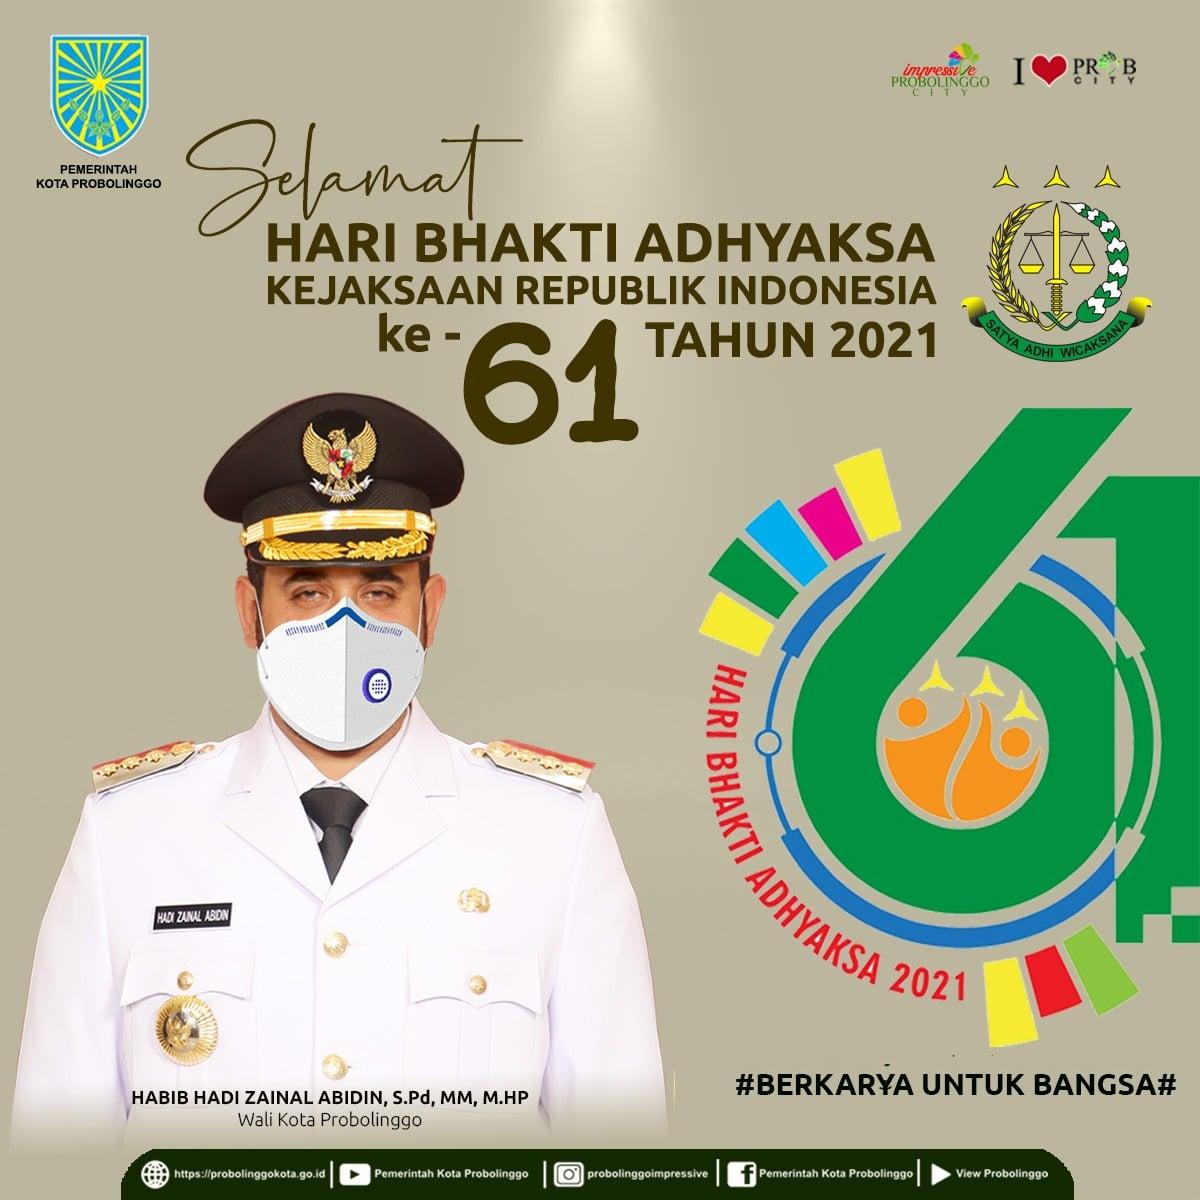 SELAMAT HARI BHAKTI ADHYAKSA KEJAKSAAN REPUBLIK INDONESIA KE-61 TAHUN 2021. BERKARYA UNTUK BANGSA.